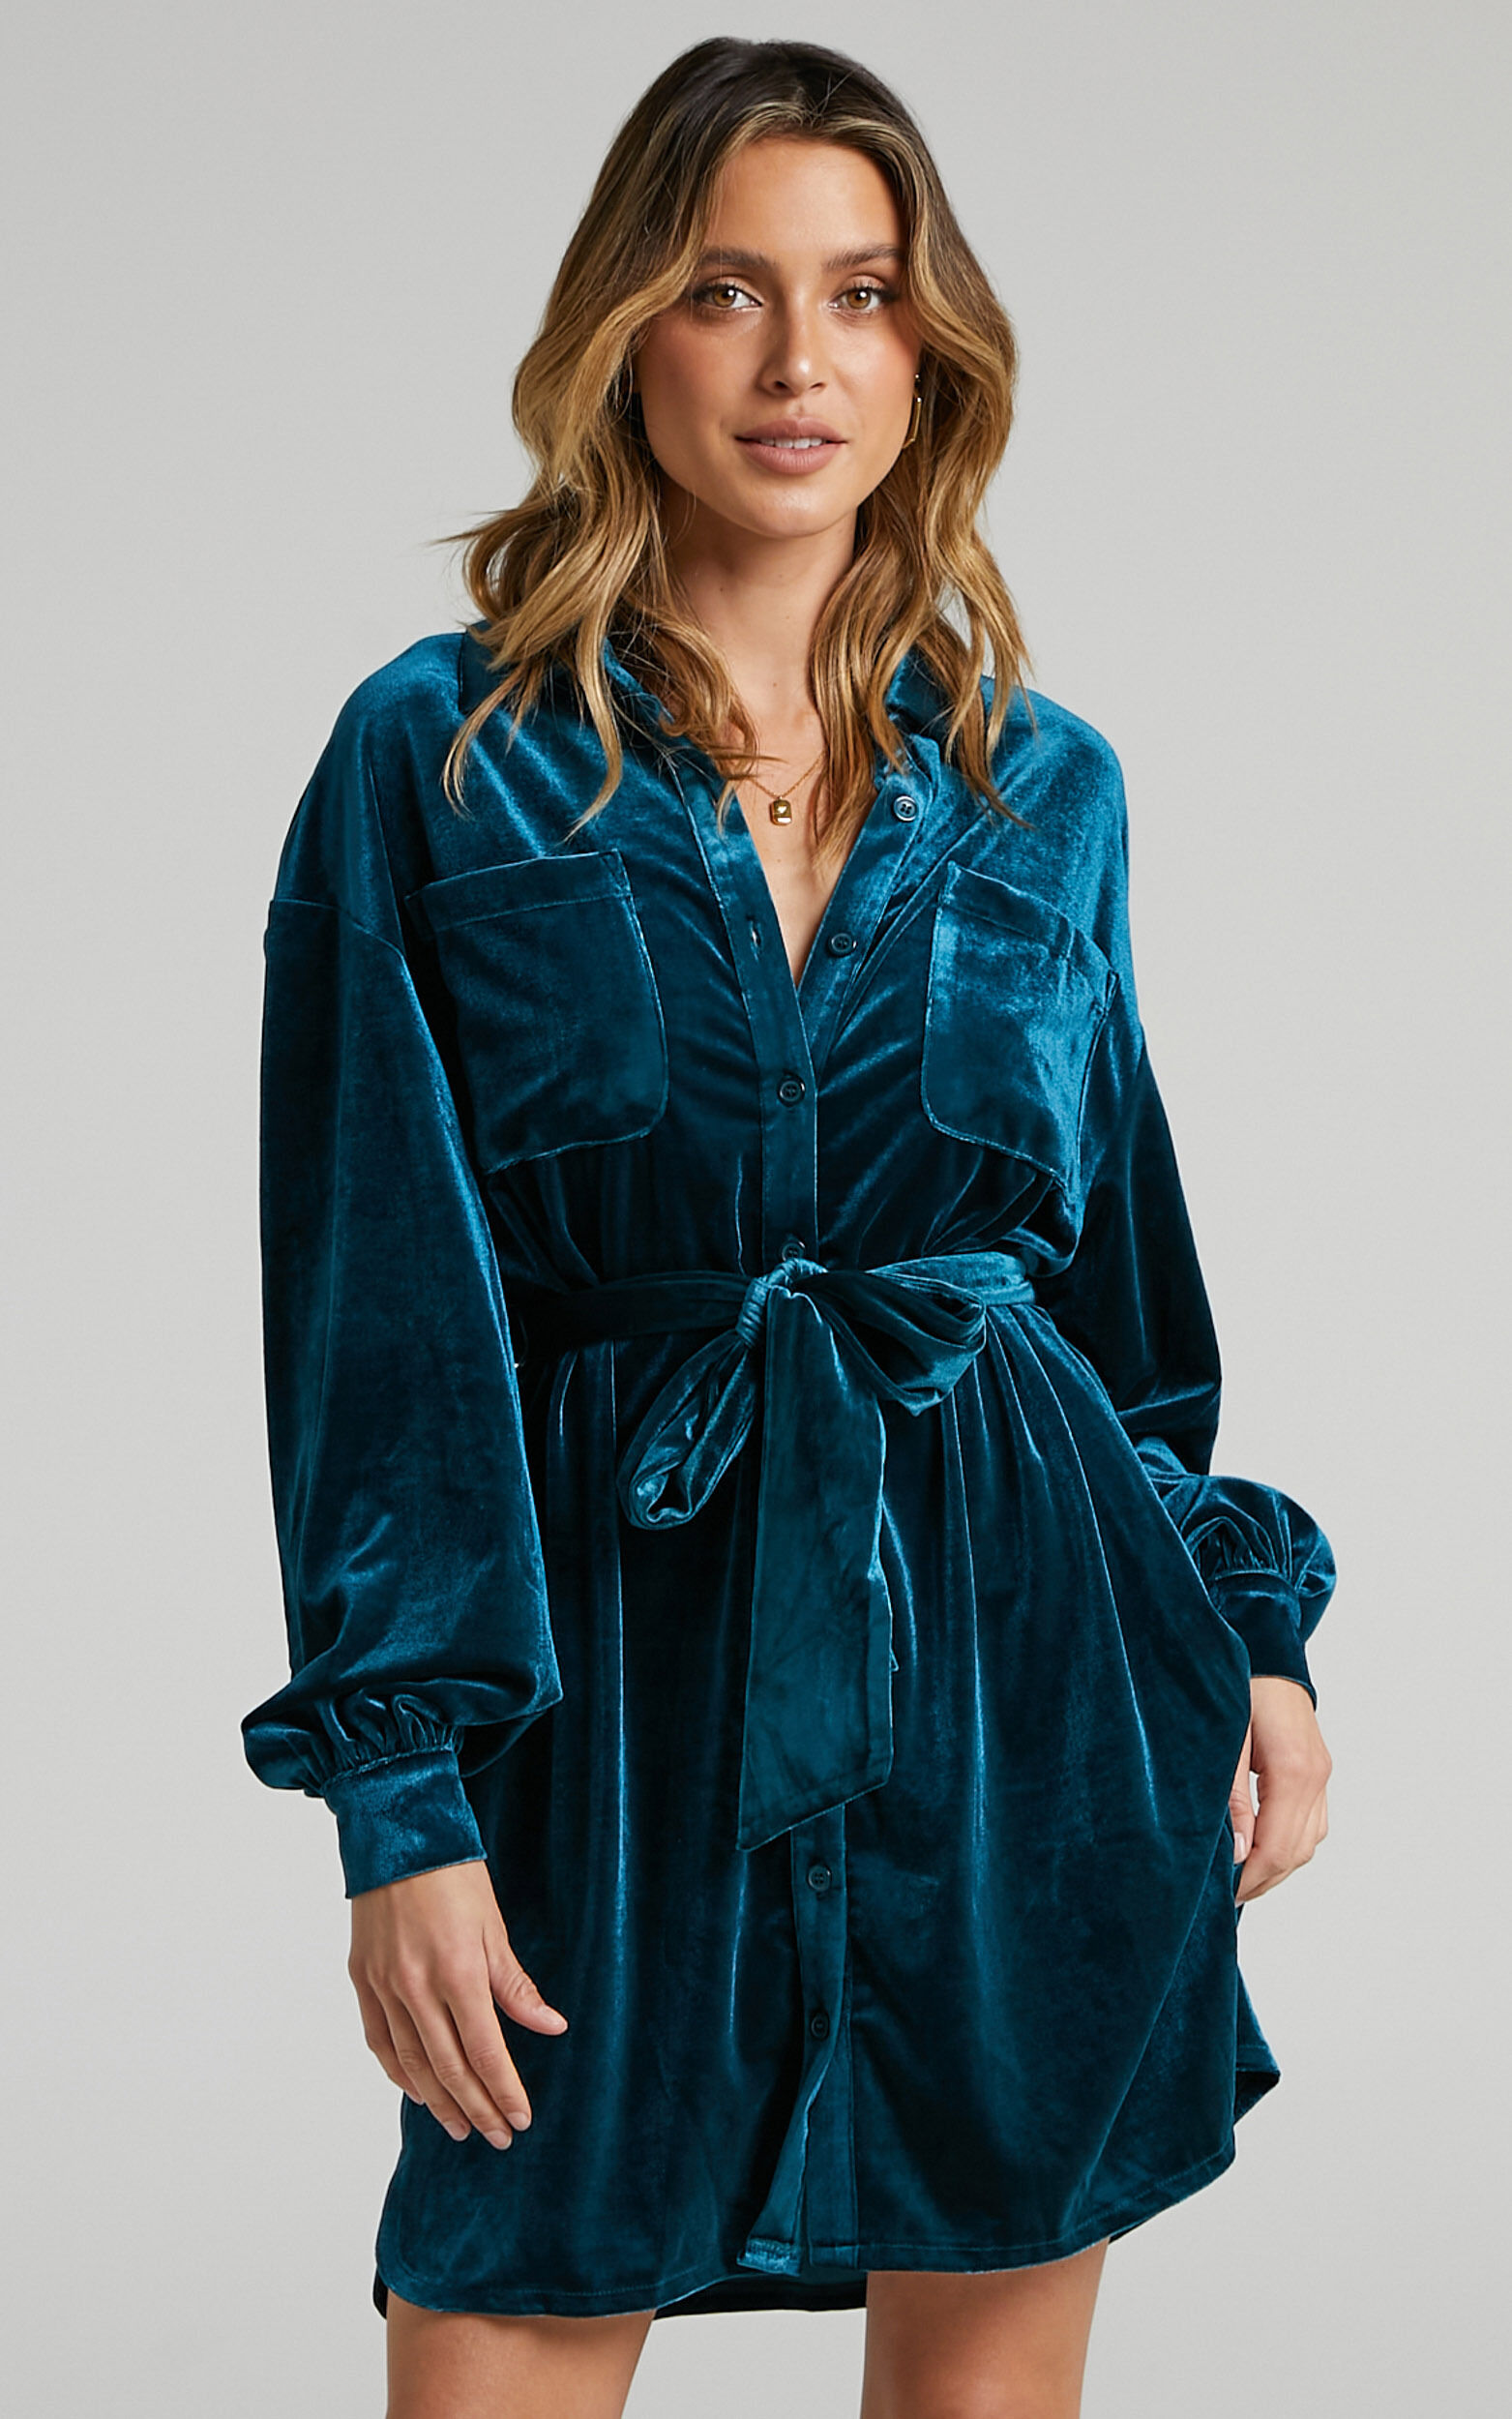 Devreux Button Up Collared Shirt Dress in Petrol Velvet - 06, GRN1, super-hi-res image number null